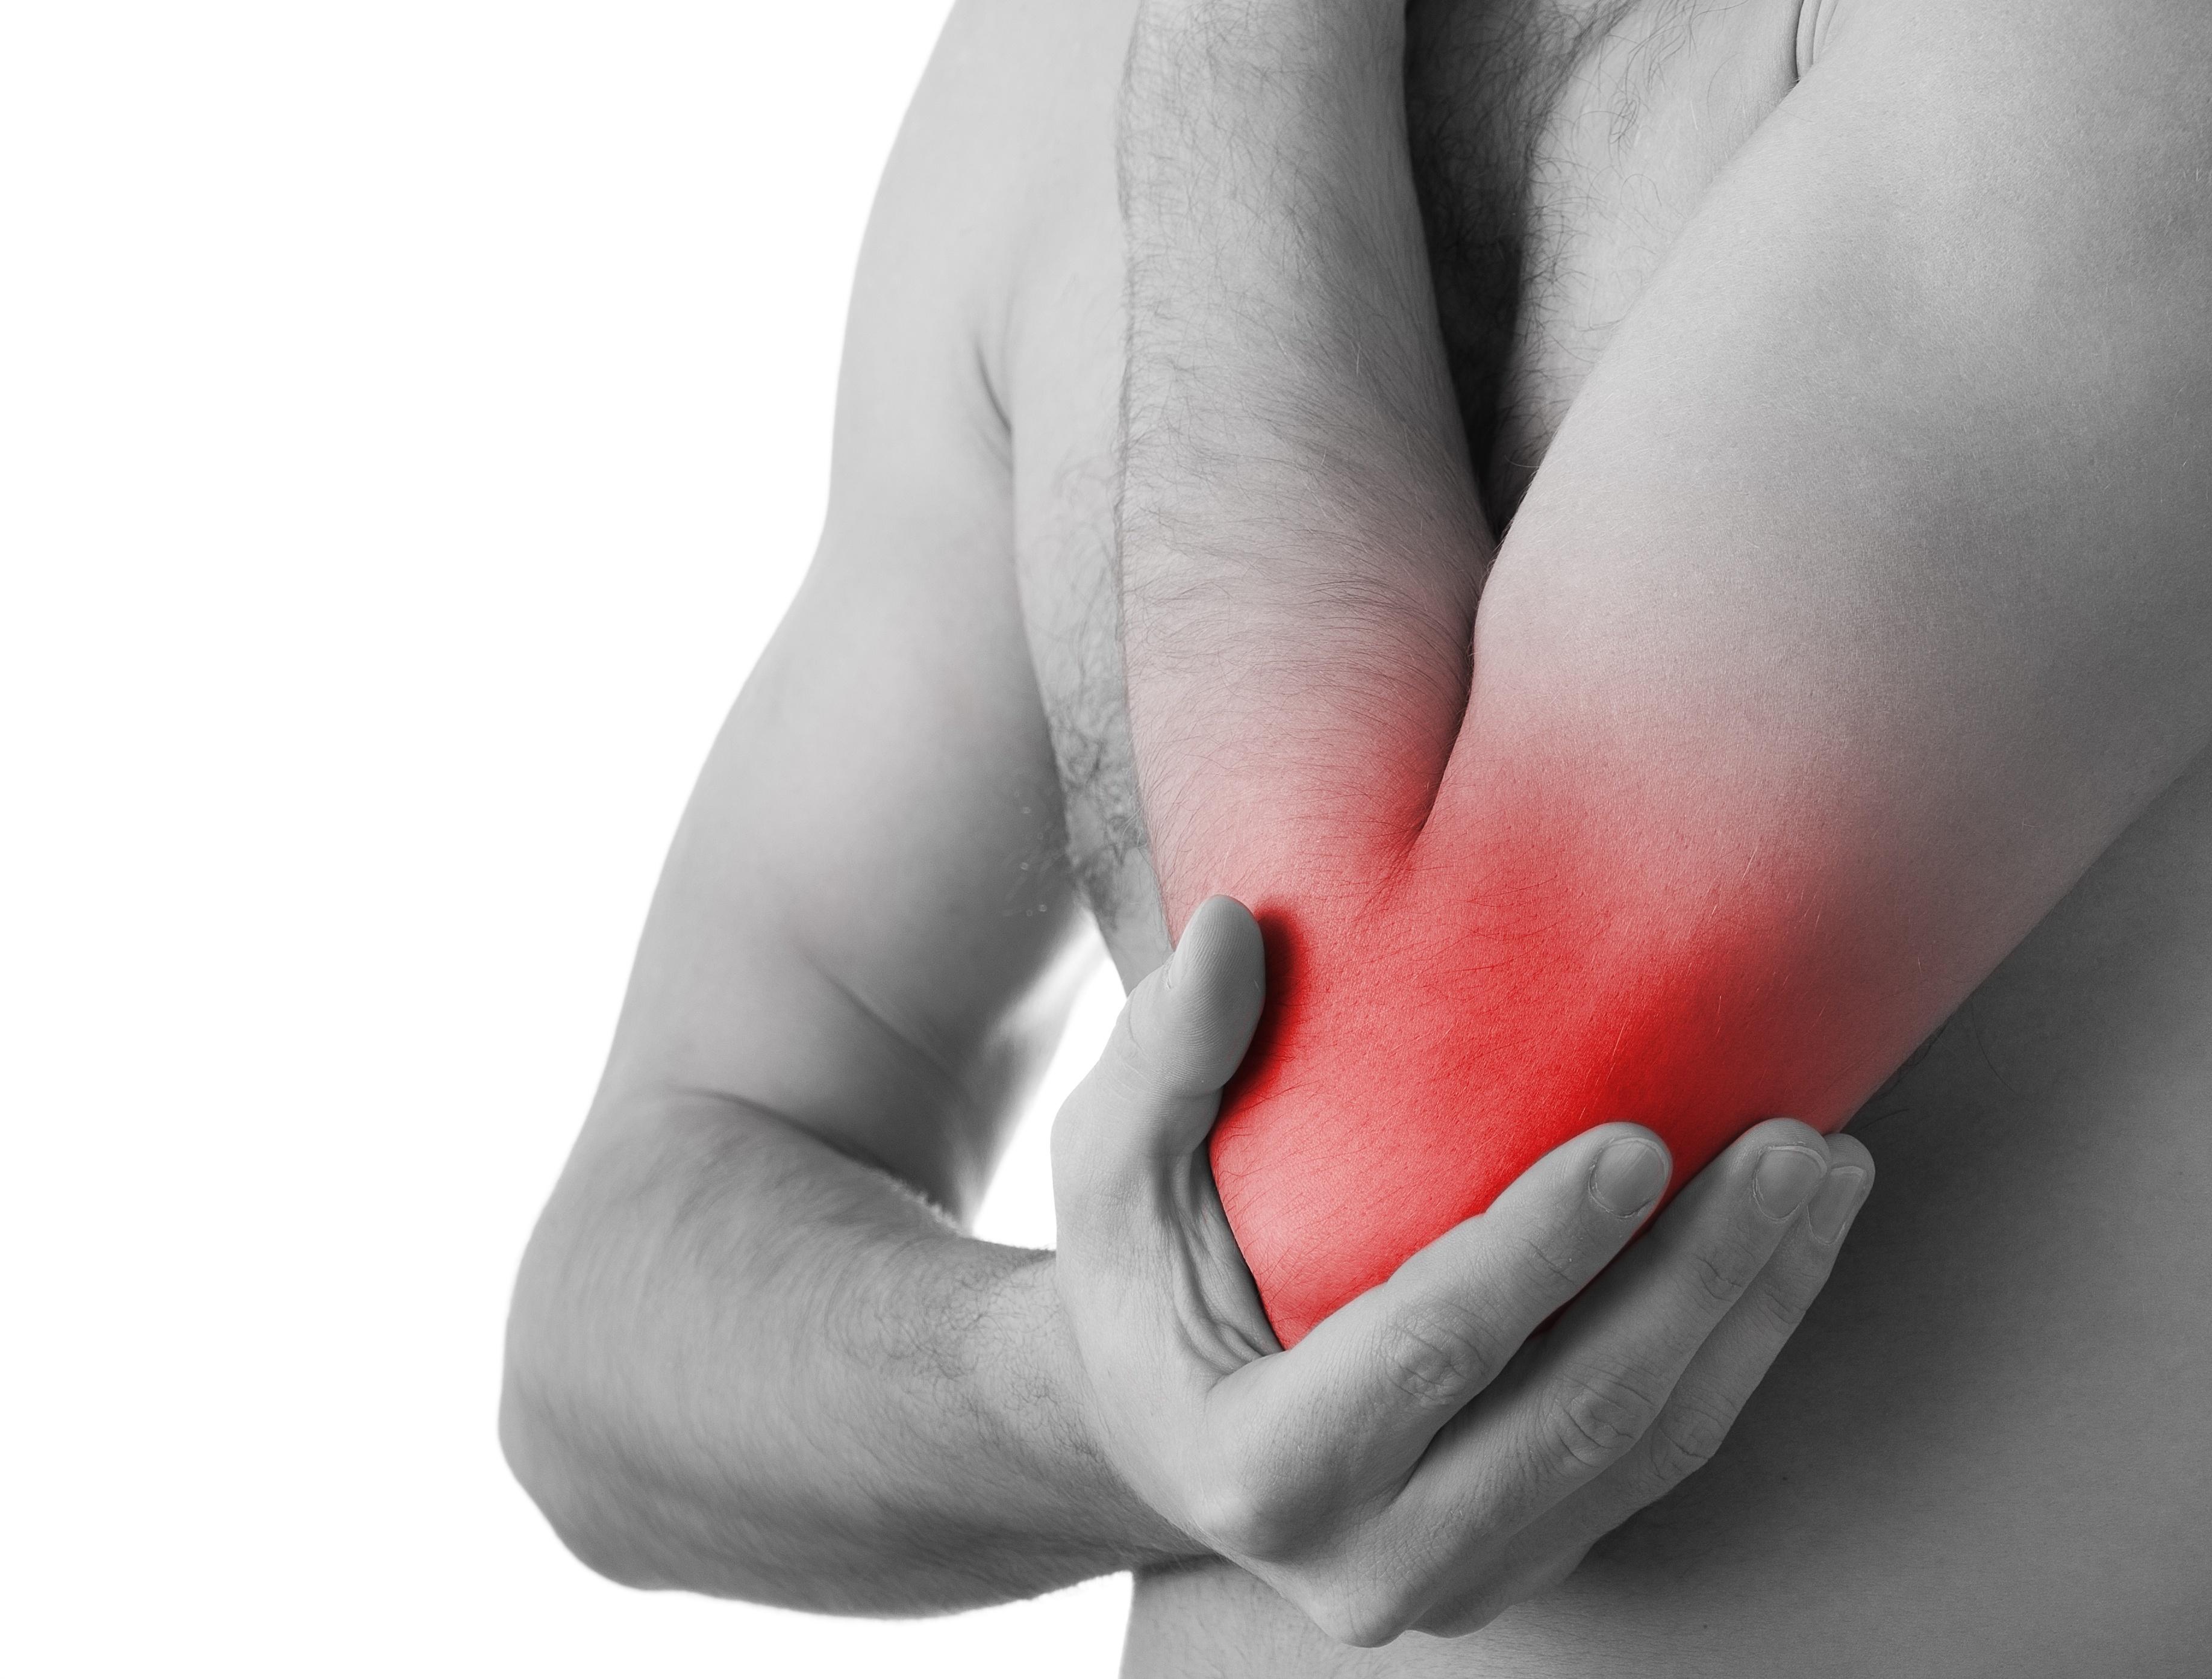 bokaízület fájdalma